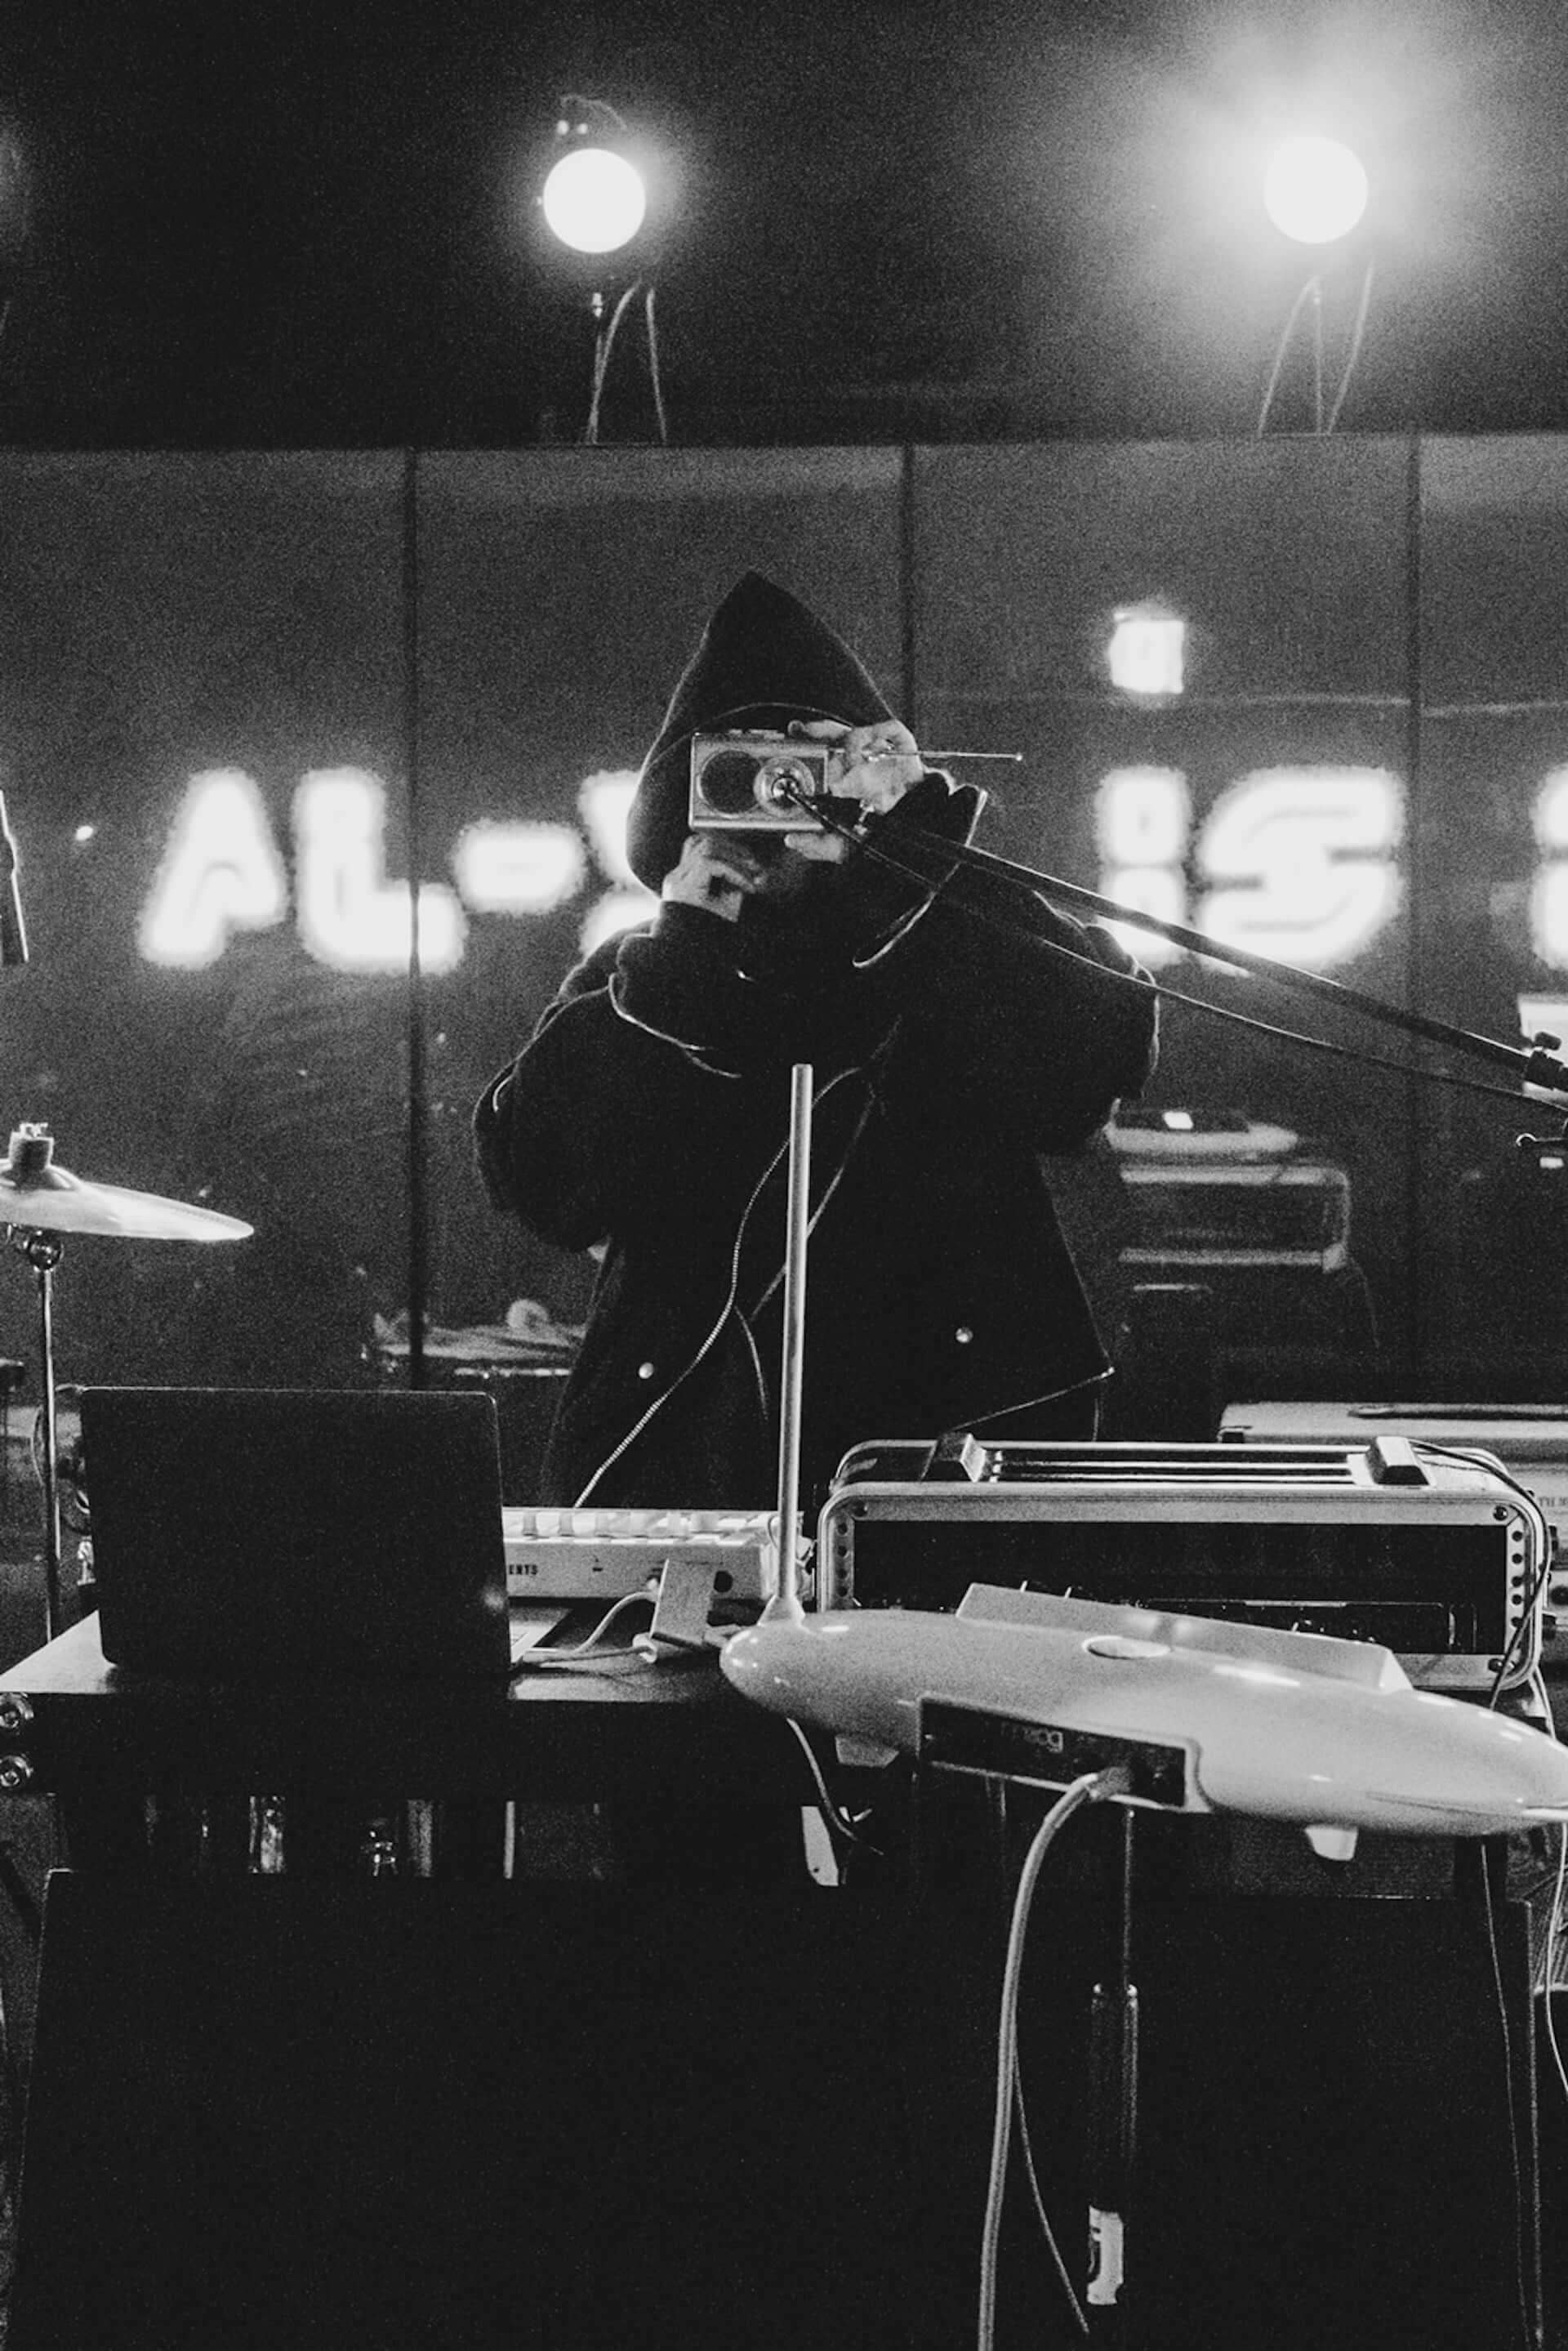 THE ALEXX・Eiji Sugiuraが初のソロアルバム『doe(s)』を発売決定!アートワーク担当はTakahiro Miyashita music210312_eiji-sugiura_1-1920x2878